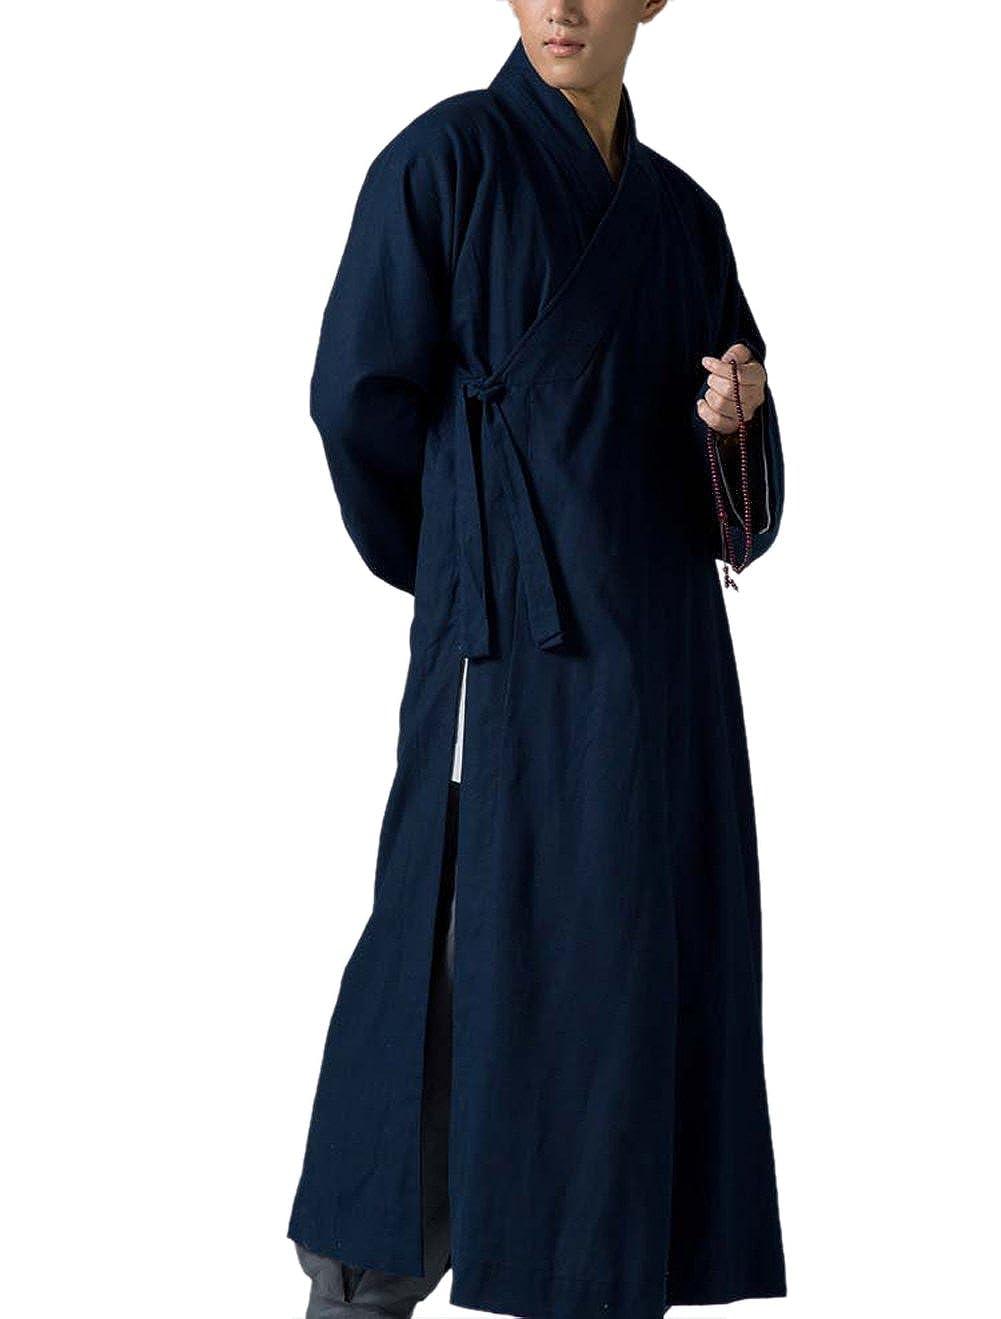 Katuo tradizionale da uomo lungo, Monaco buddista meditazione Accappatoio Blu Scuro KTS35